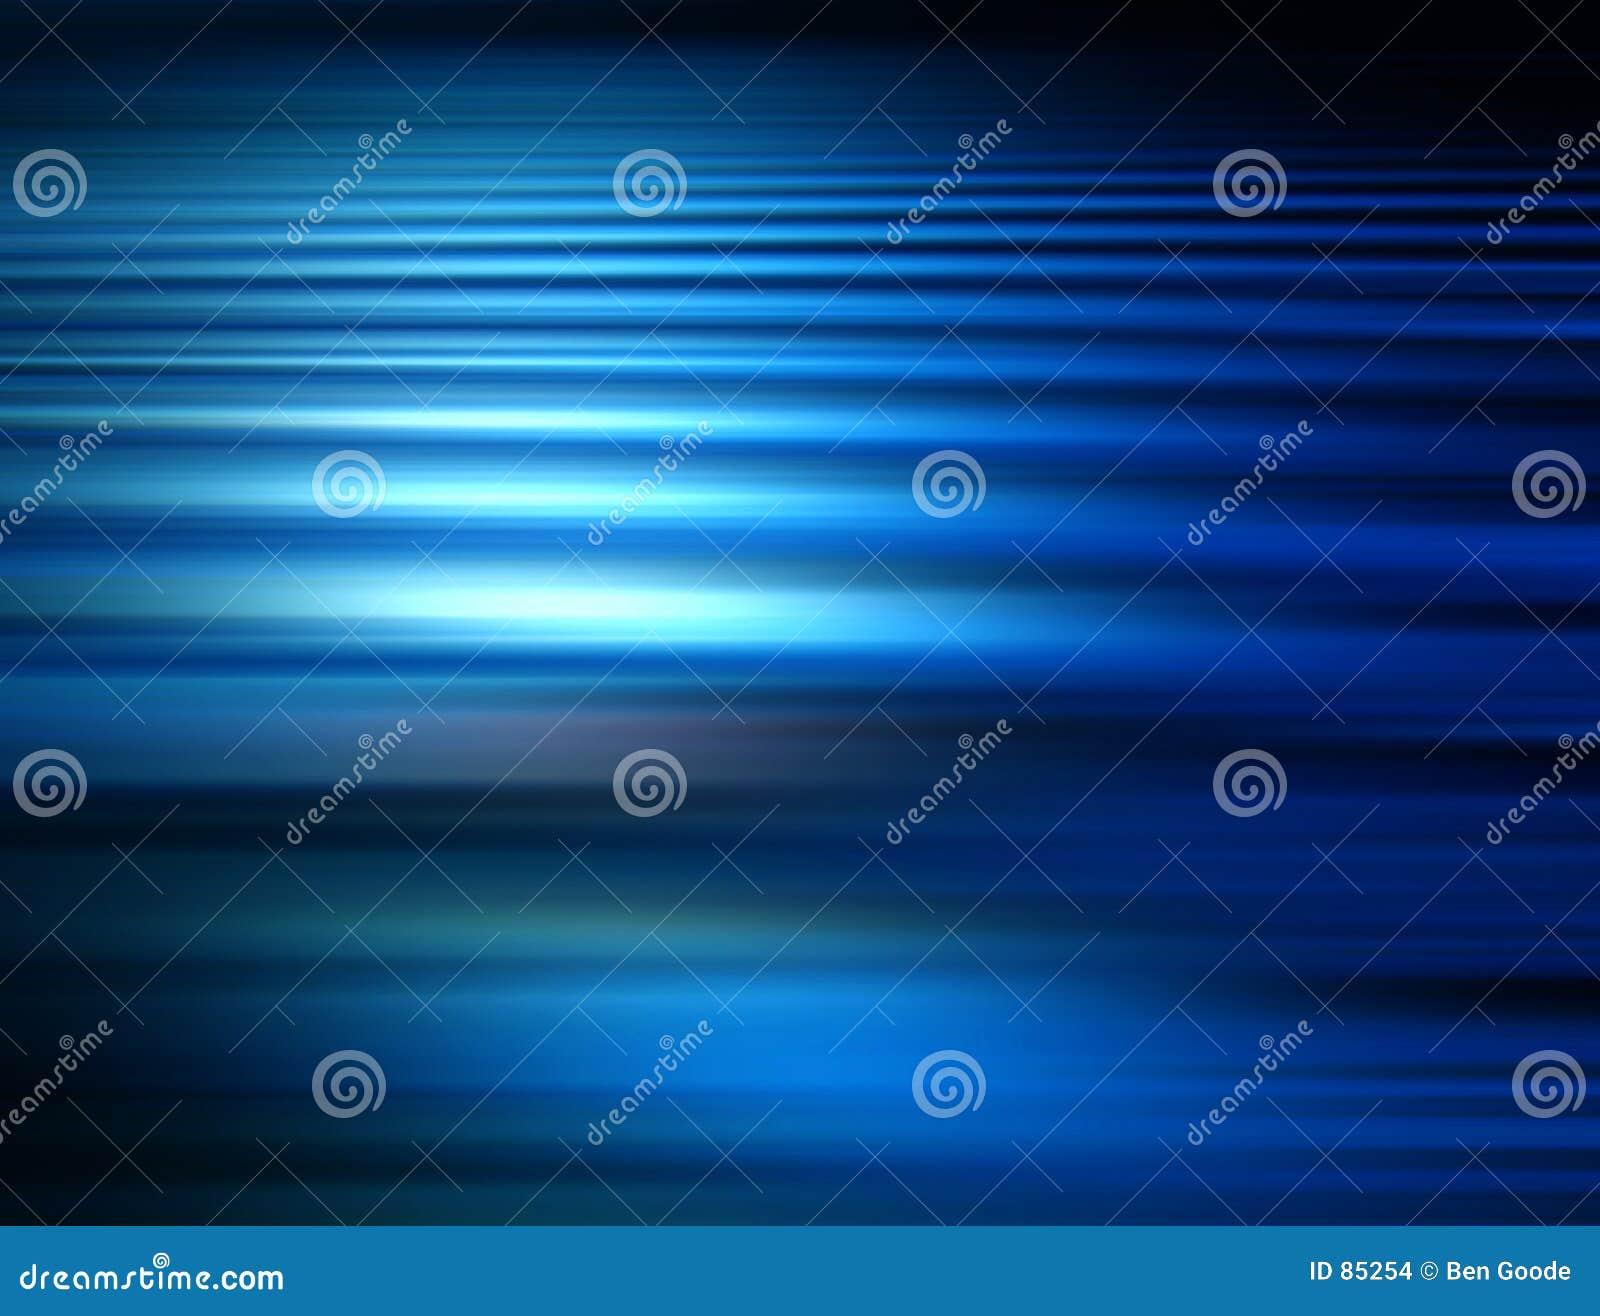 Falta de definición azul